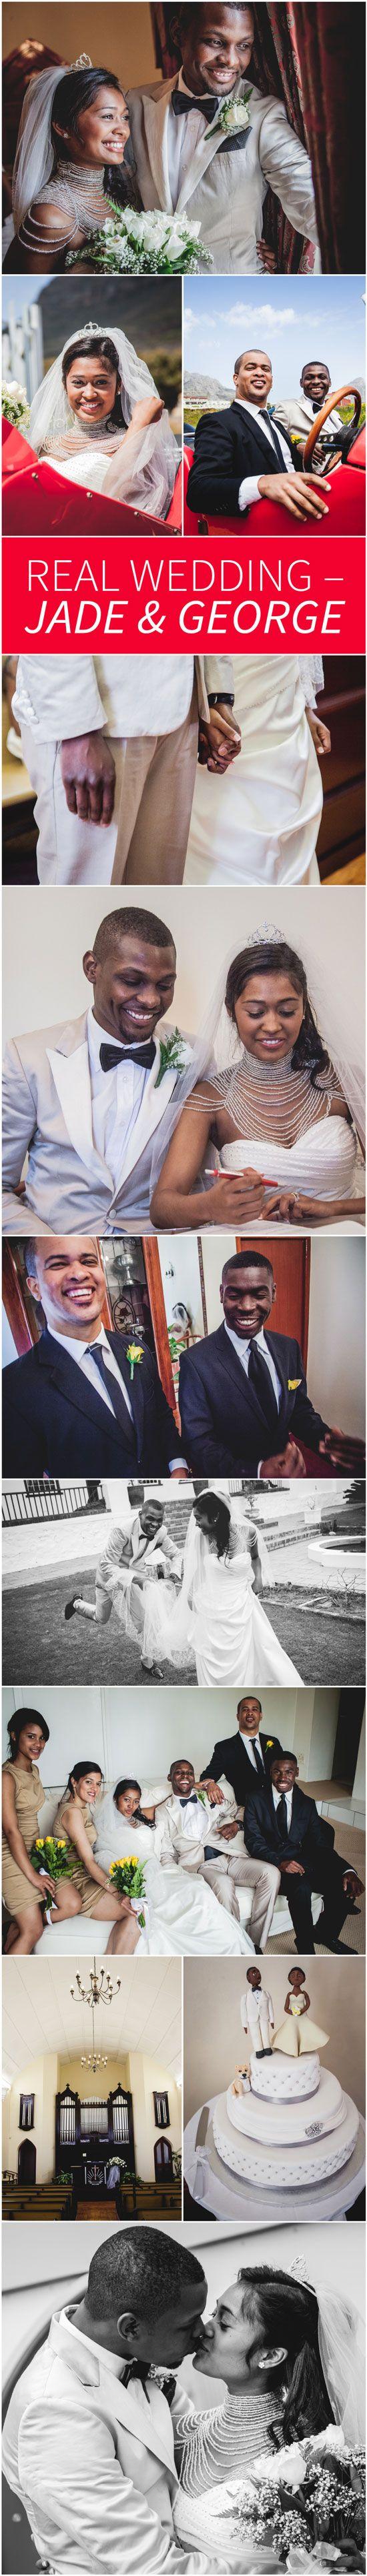 Real-Wedding-–-Jade-&-George